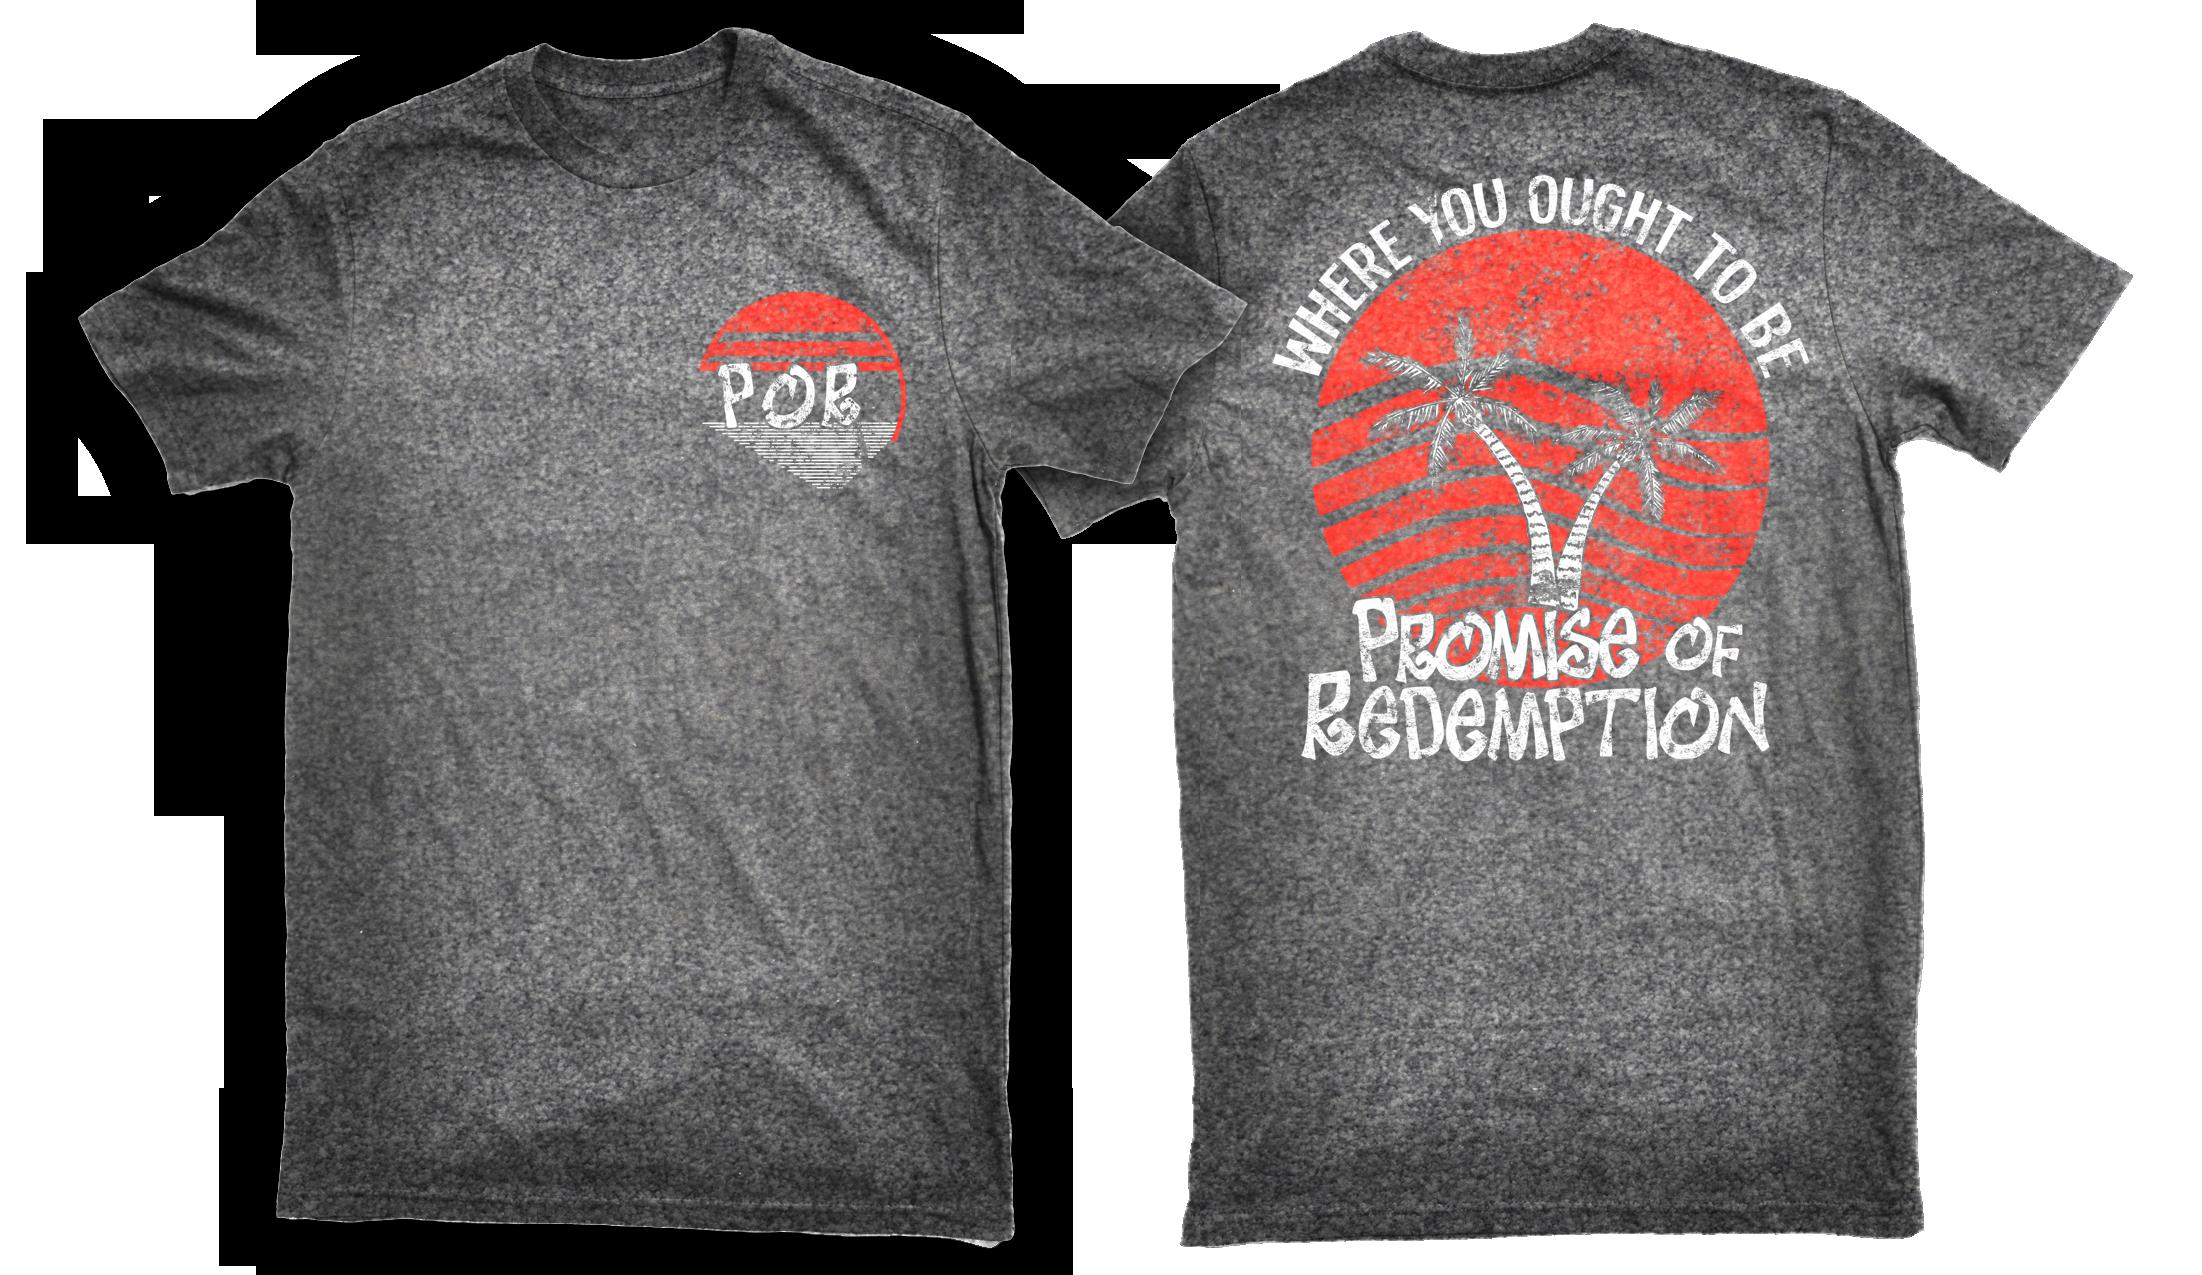 POR - Where You Ought To Be - T-Shirt